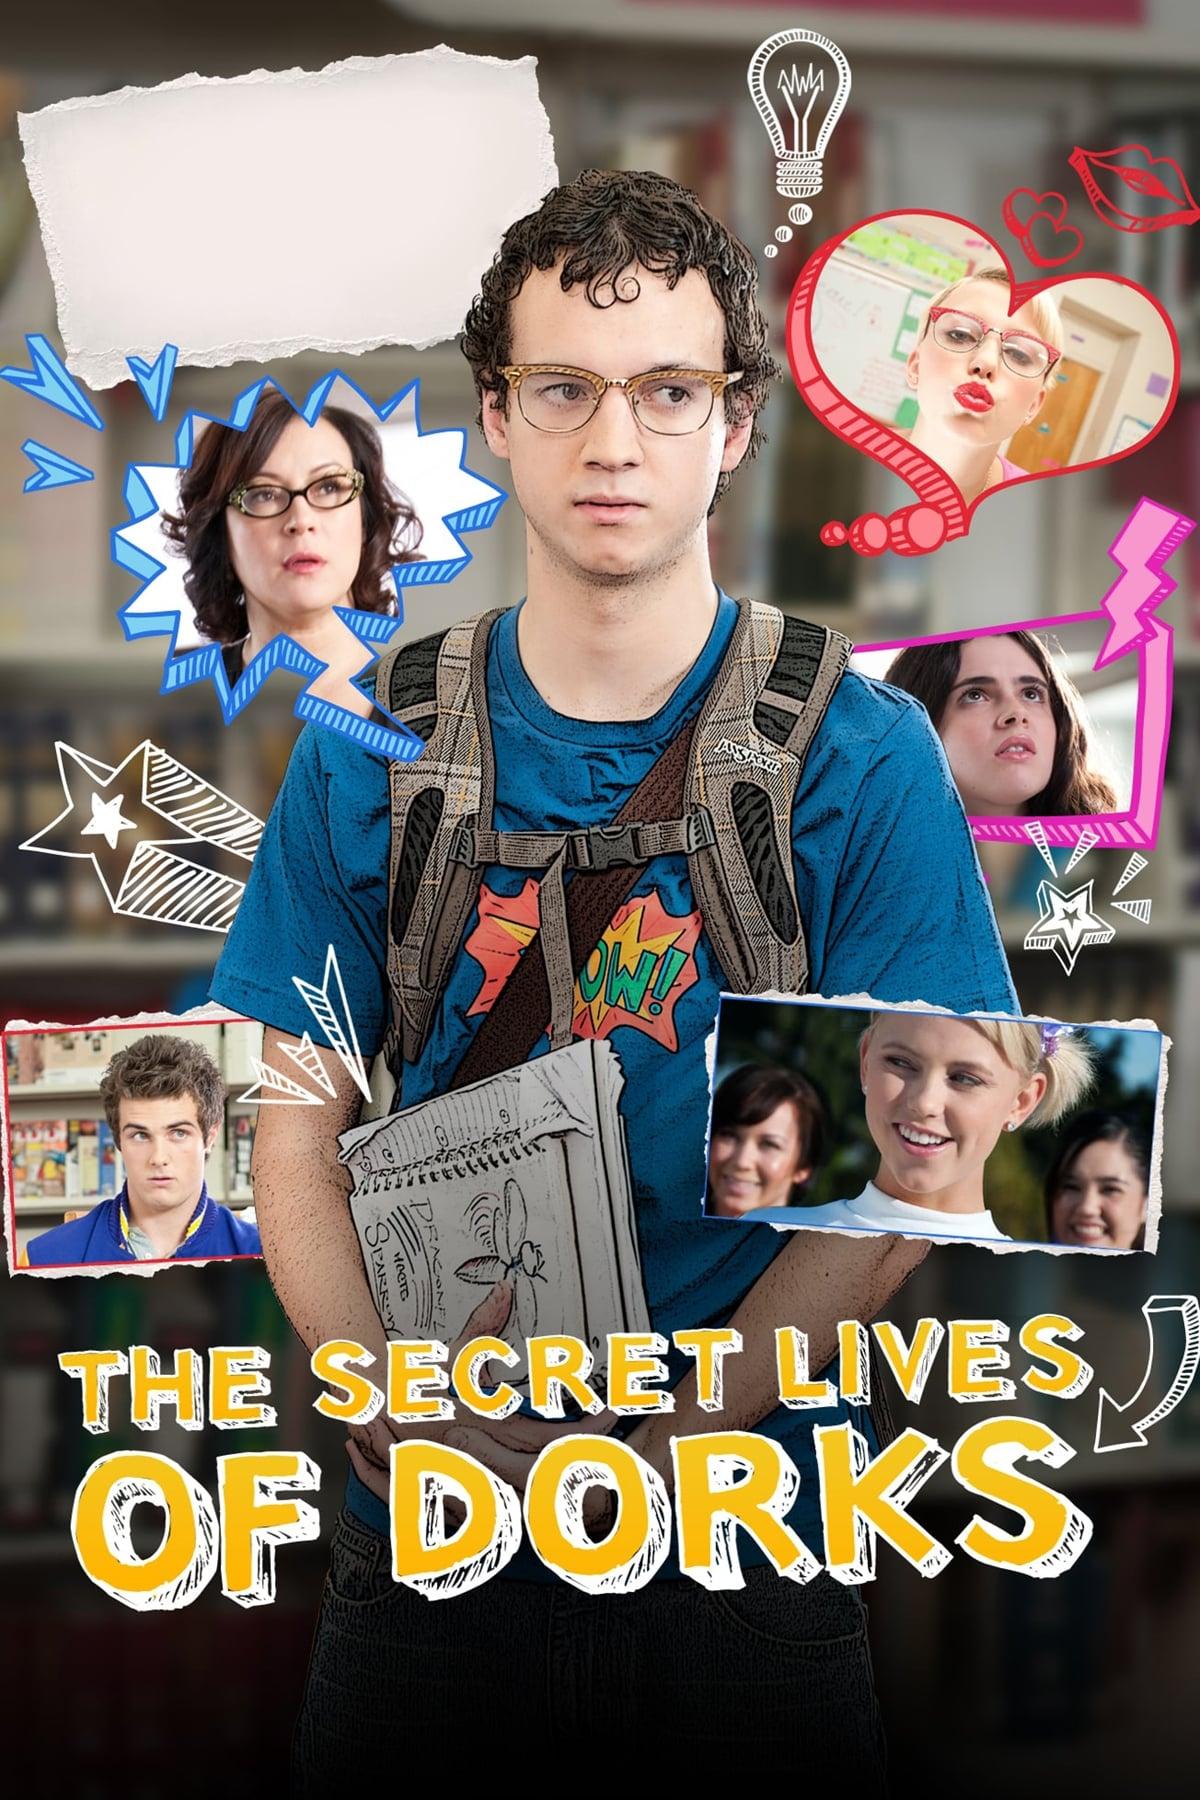 The Secret Lives of Dorks (2013)